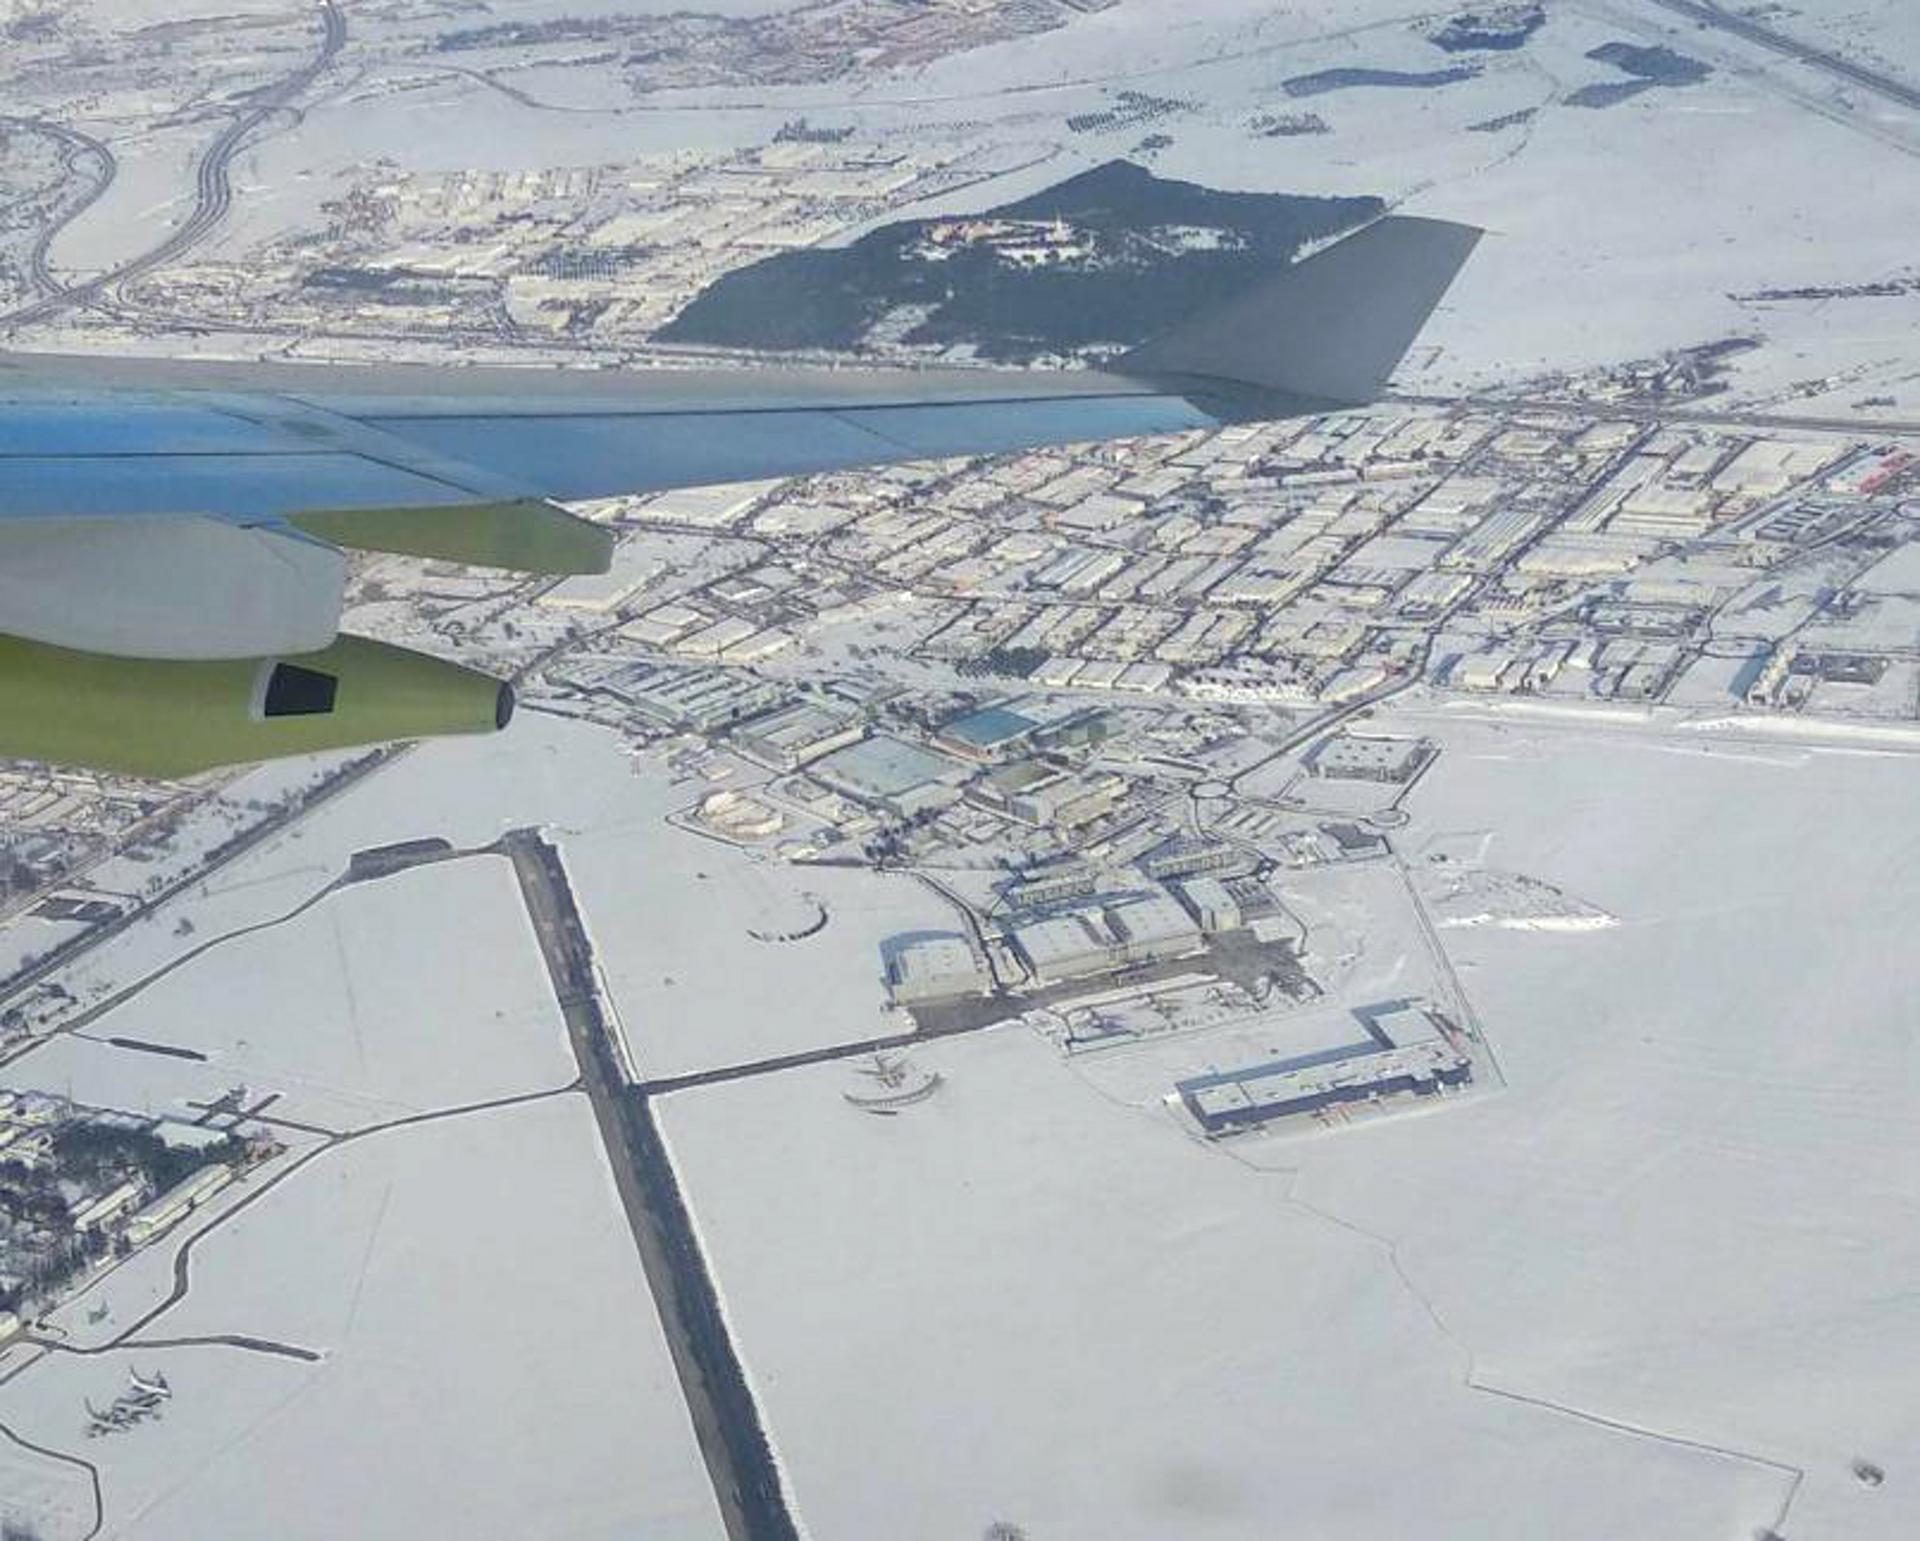 Aerial view of Airbus Getafe site during storm Filomena - Copyright Airbus